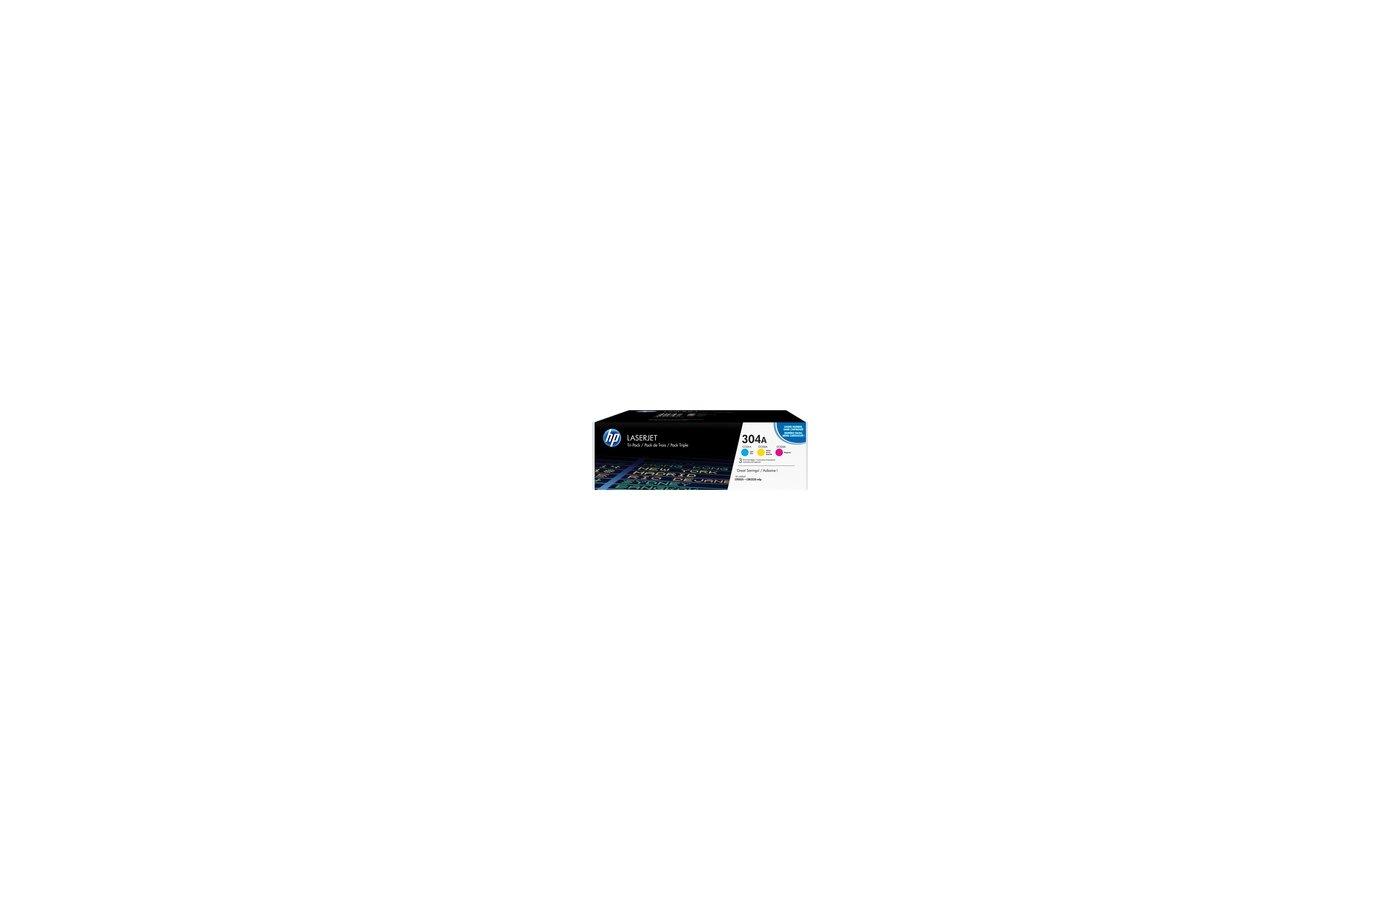 Картридж лазерный HP CF372AM 304A комплект цветных картр CLJ 2025, CM2320 (CC531A+CC532A+CC533A)